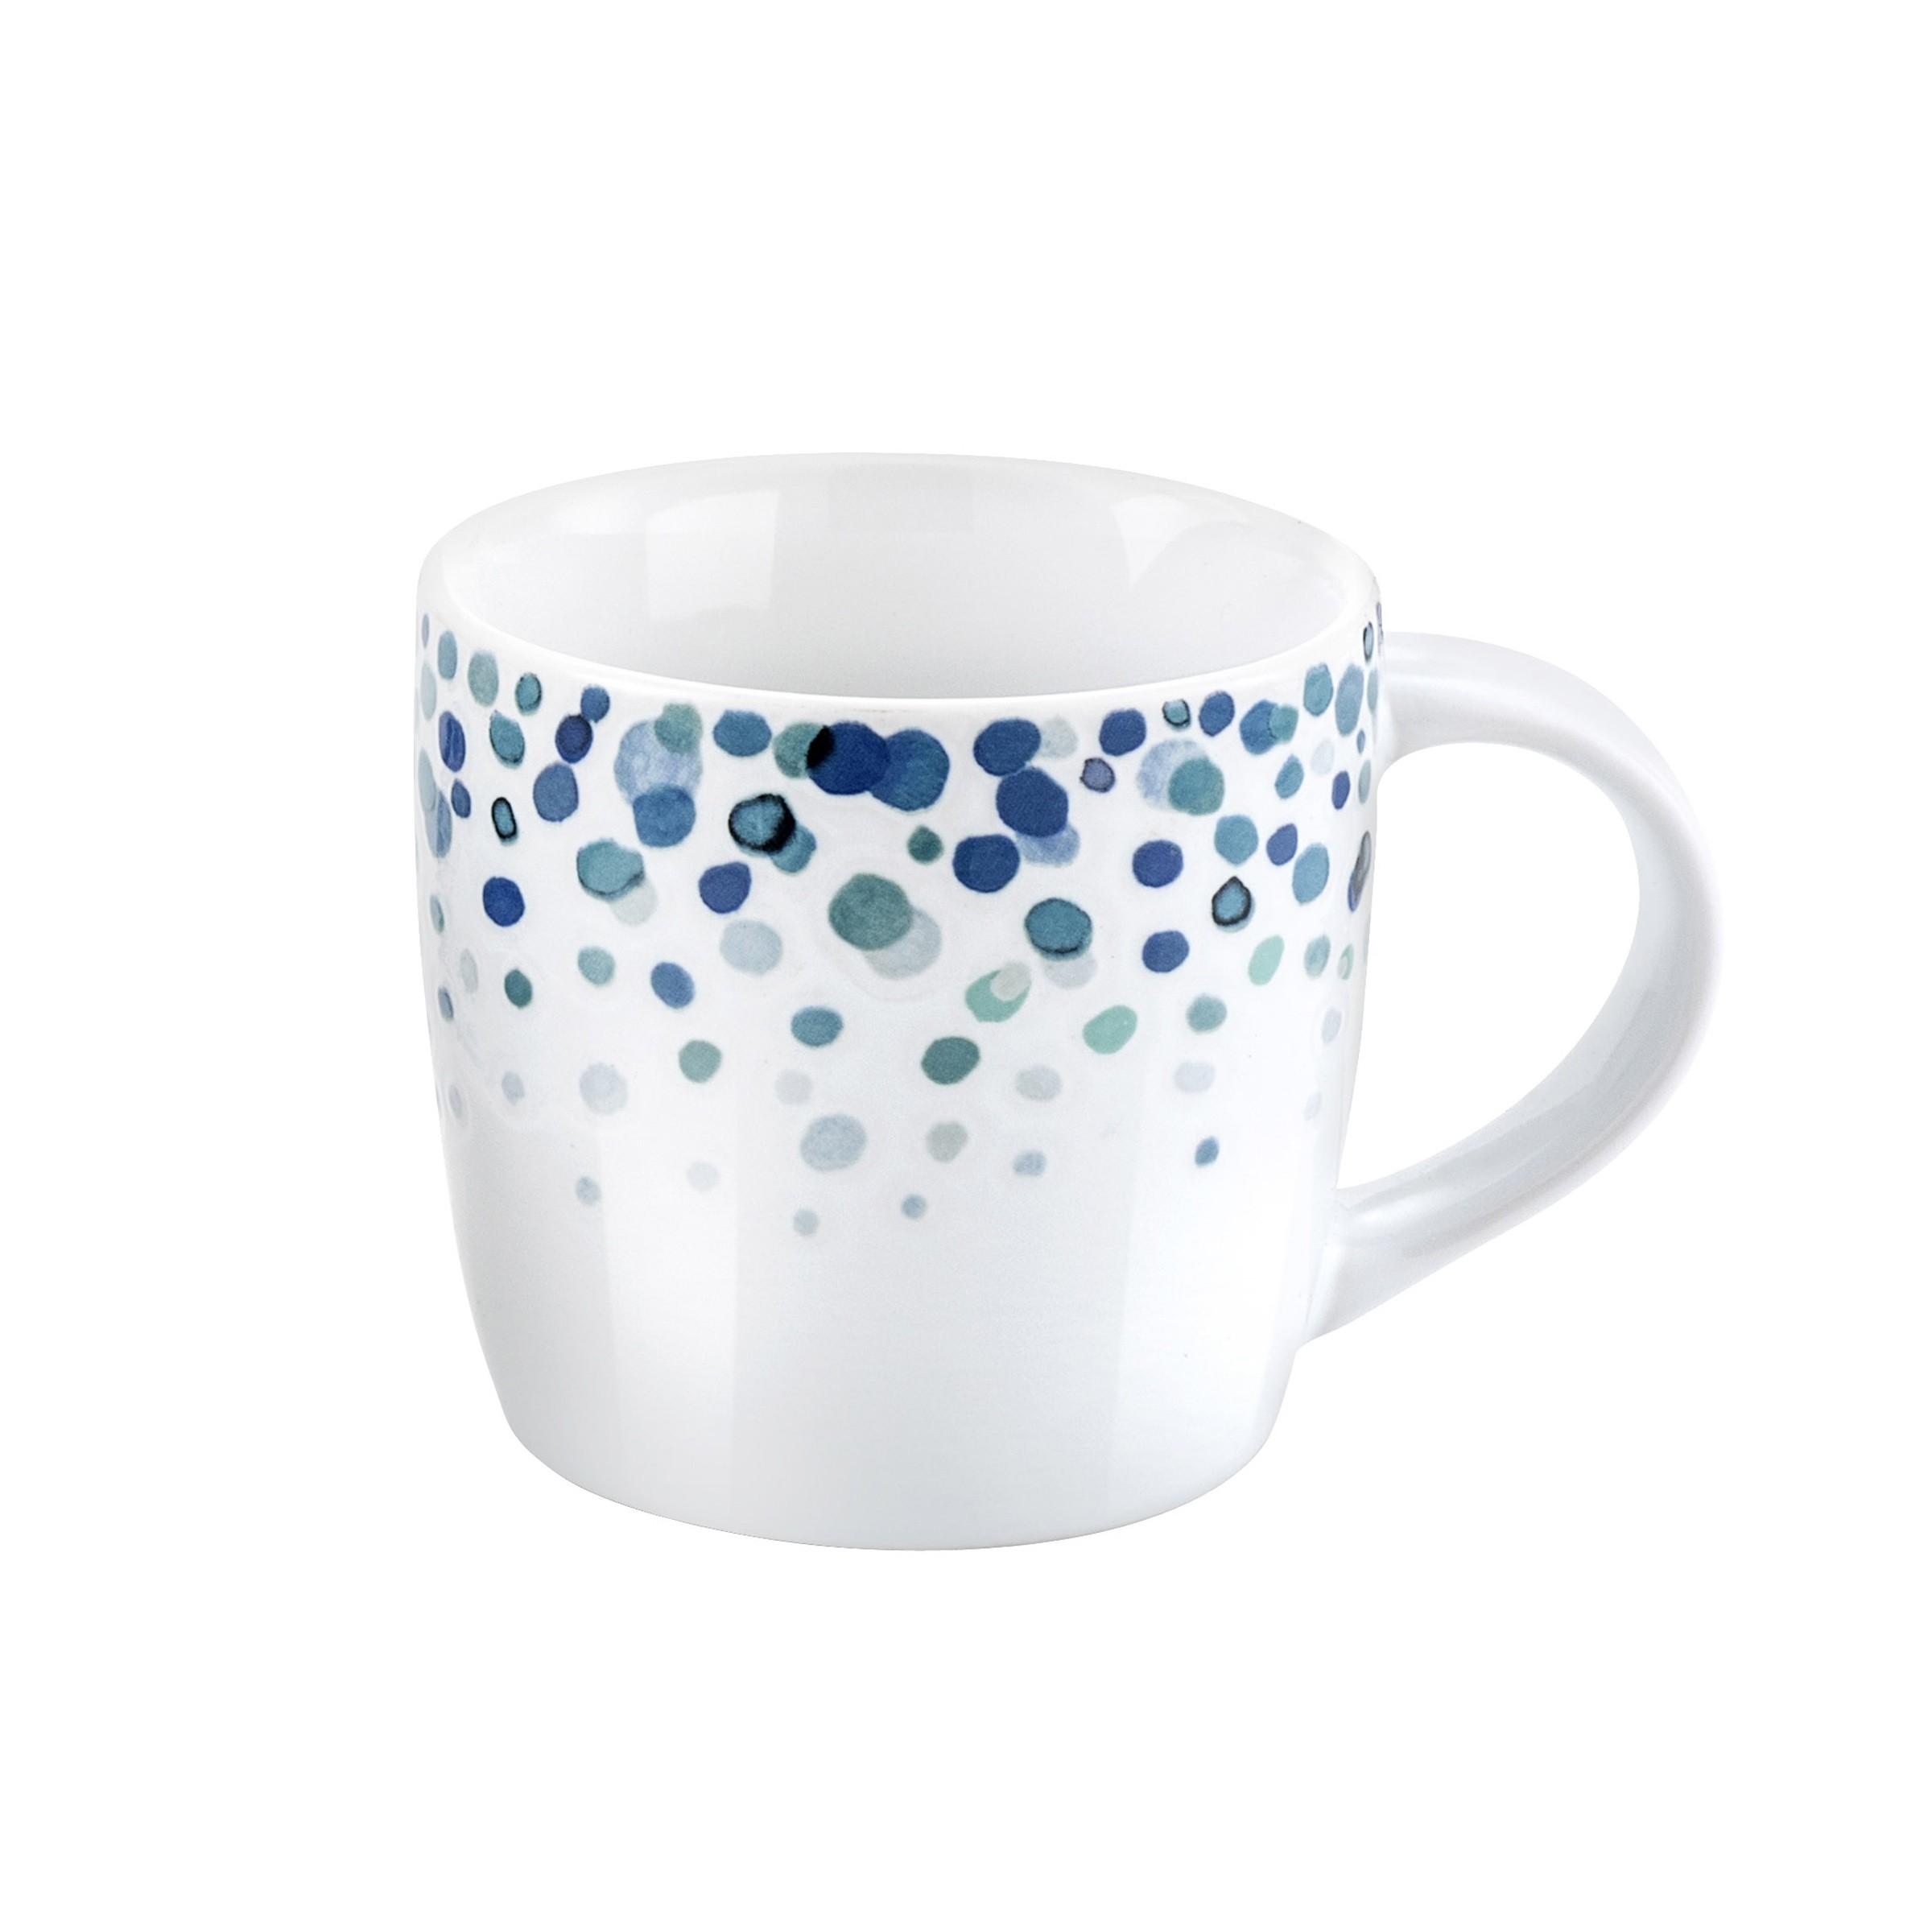 Tasse café & thé - Lot de 6